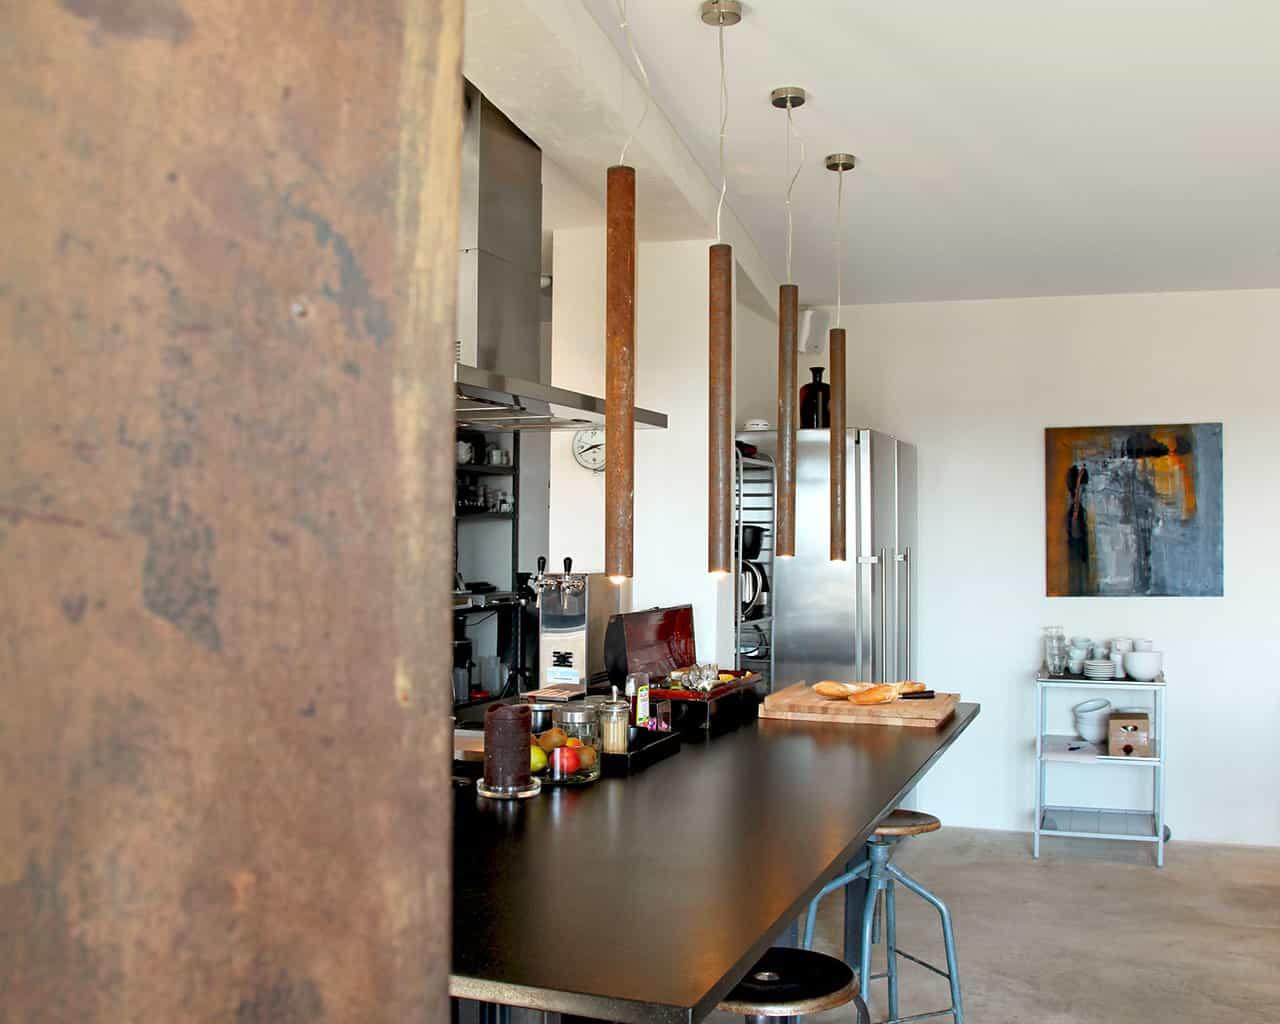 Cuisine de notre maison d'hôtes dans le Luberon, Metafort Provence